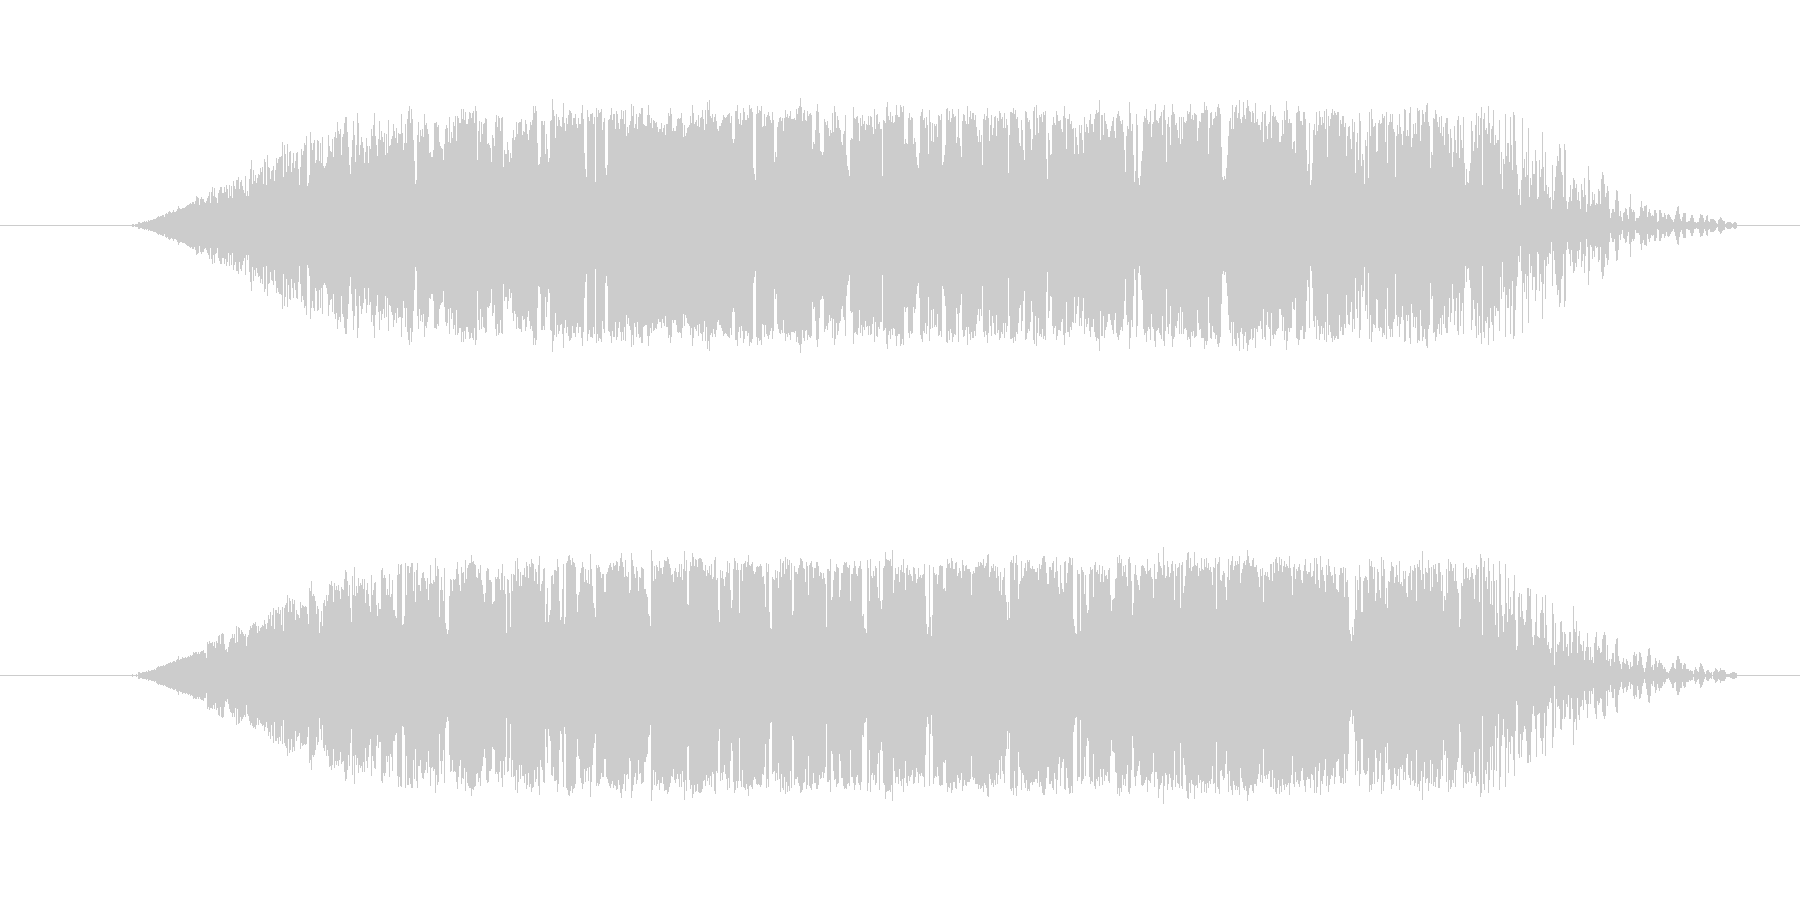 ギヨンと言うような音です。の未再生の波形